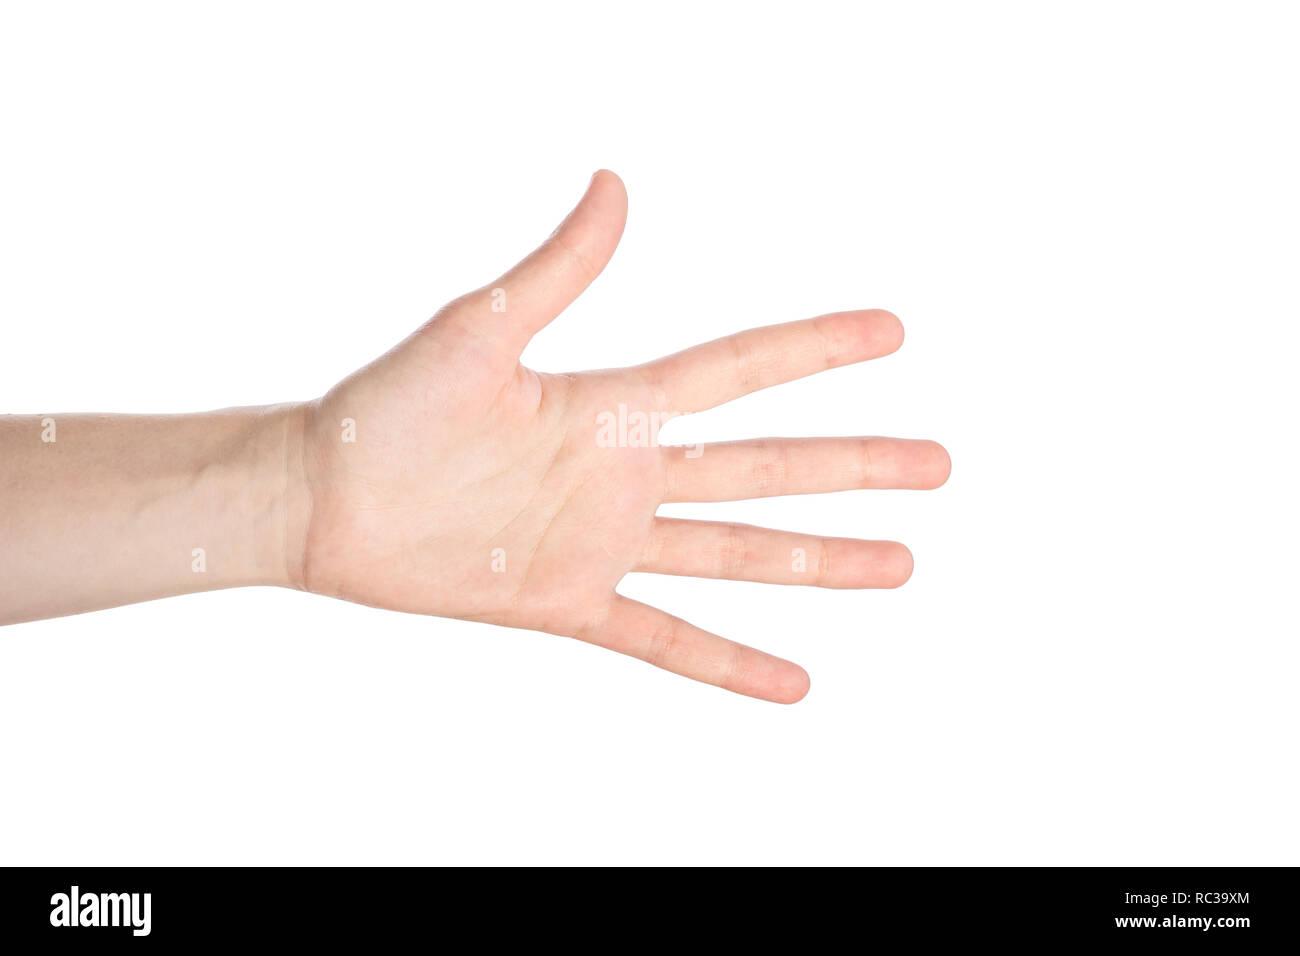 3c263f0607 Main montre femme numder cinq geste isolé sur fond blanc Photo Stock